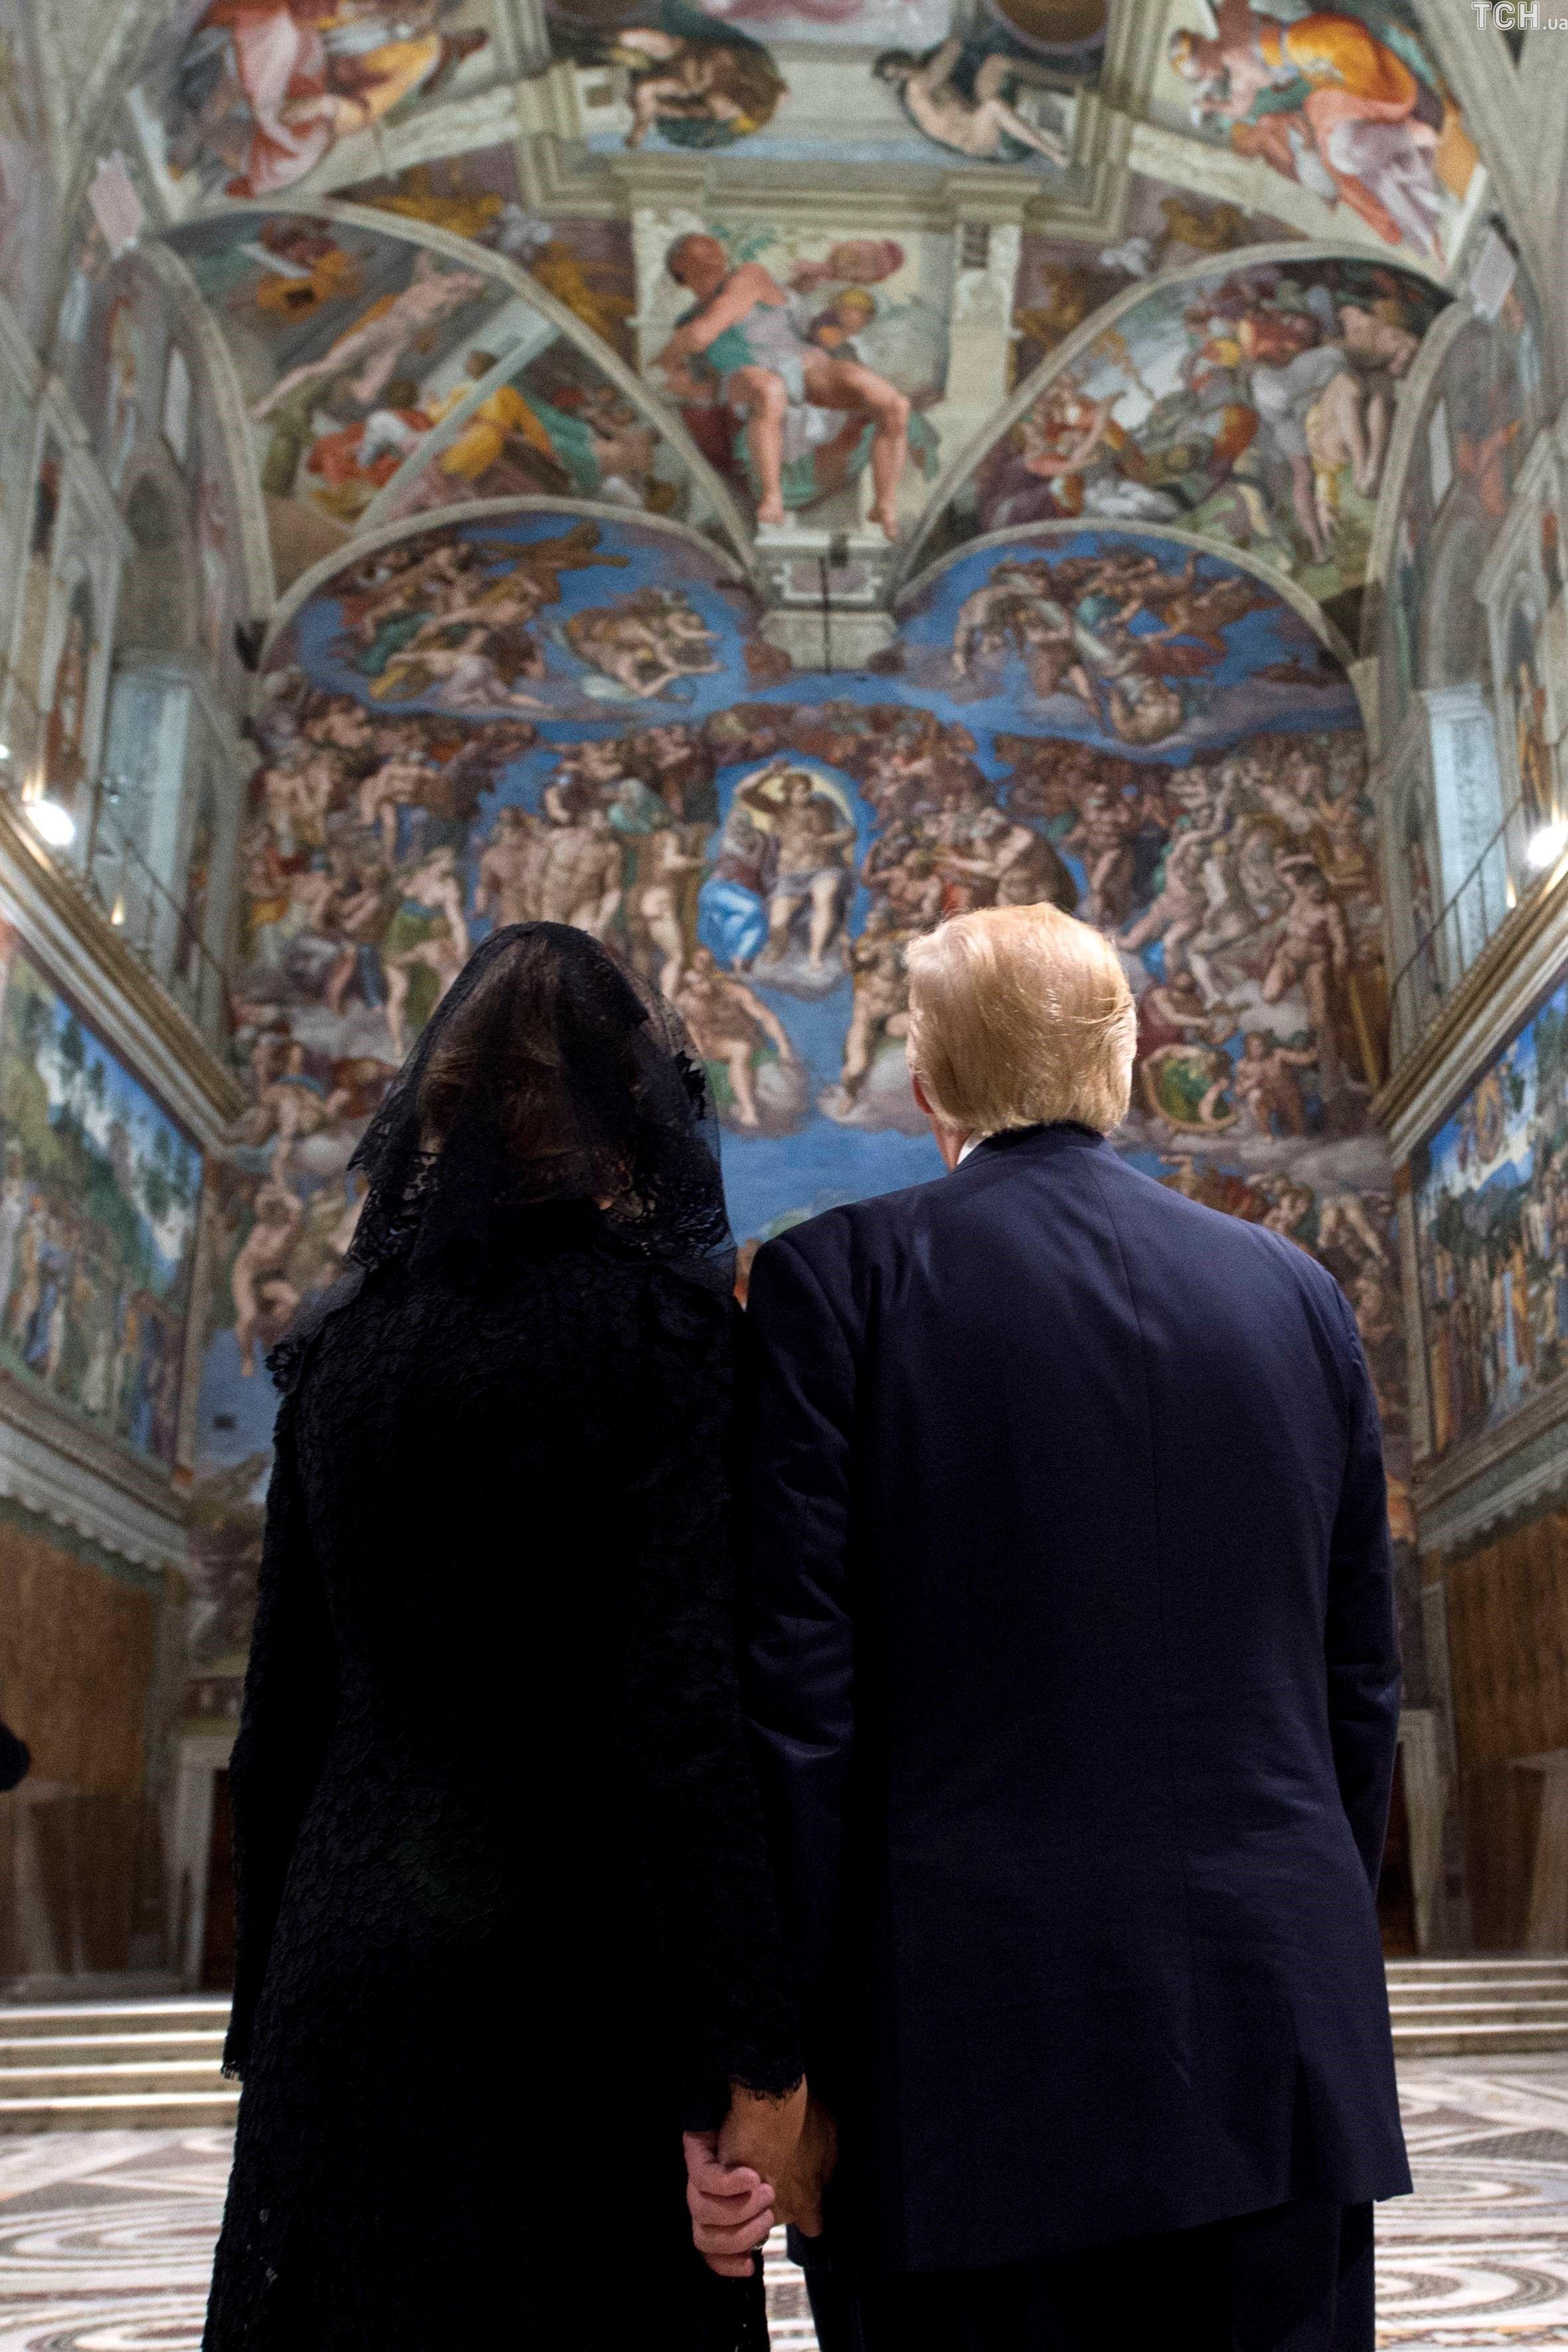 Меланія і Трамп у Сикстинській капелі